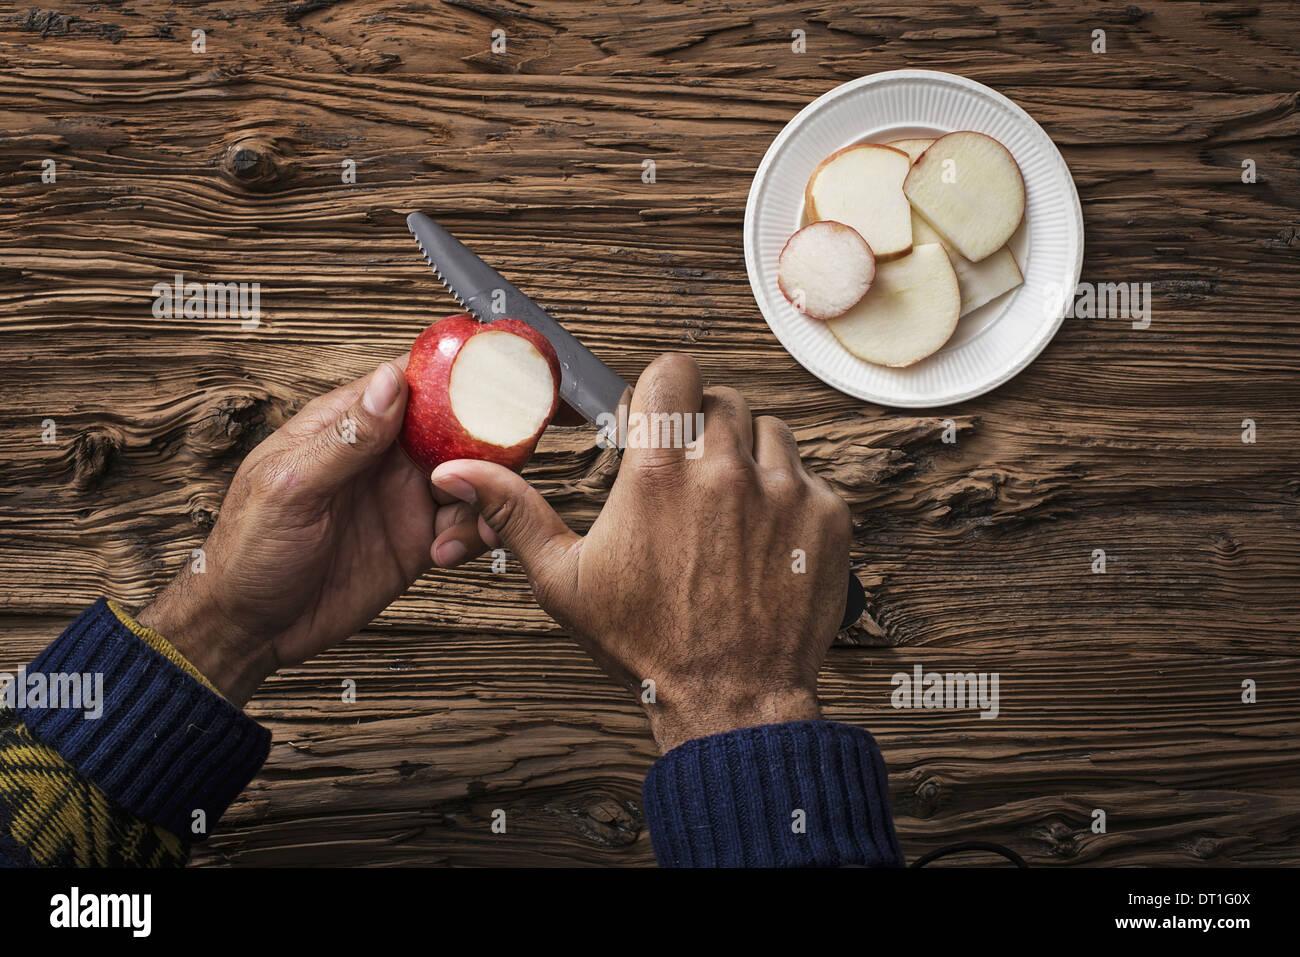 Una persona sosteniendo y cortando secciones de una manzana de piel roja Imagen De Stock